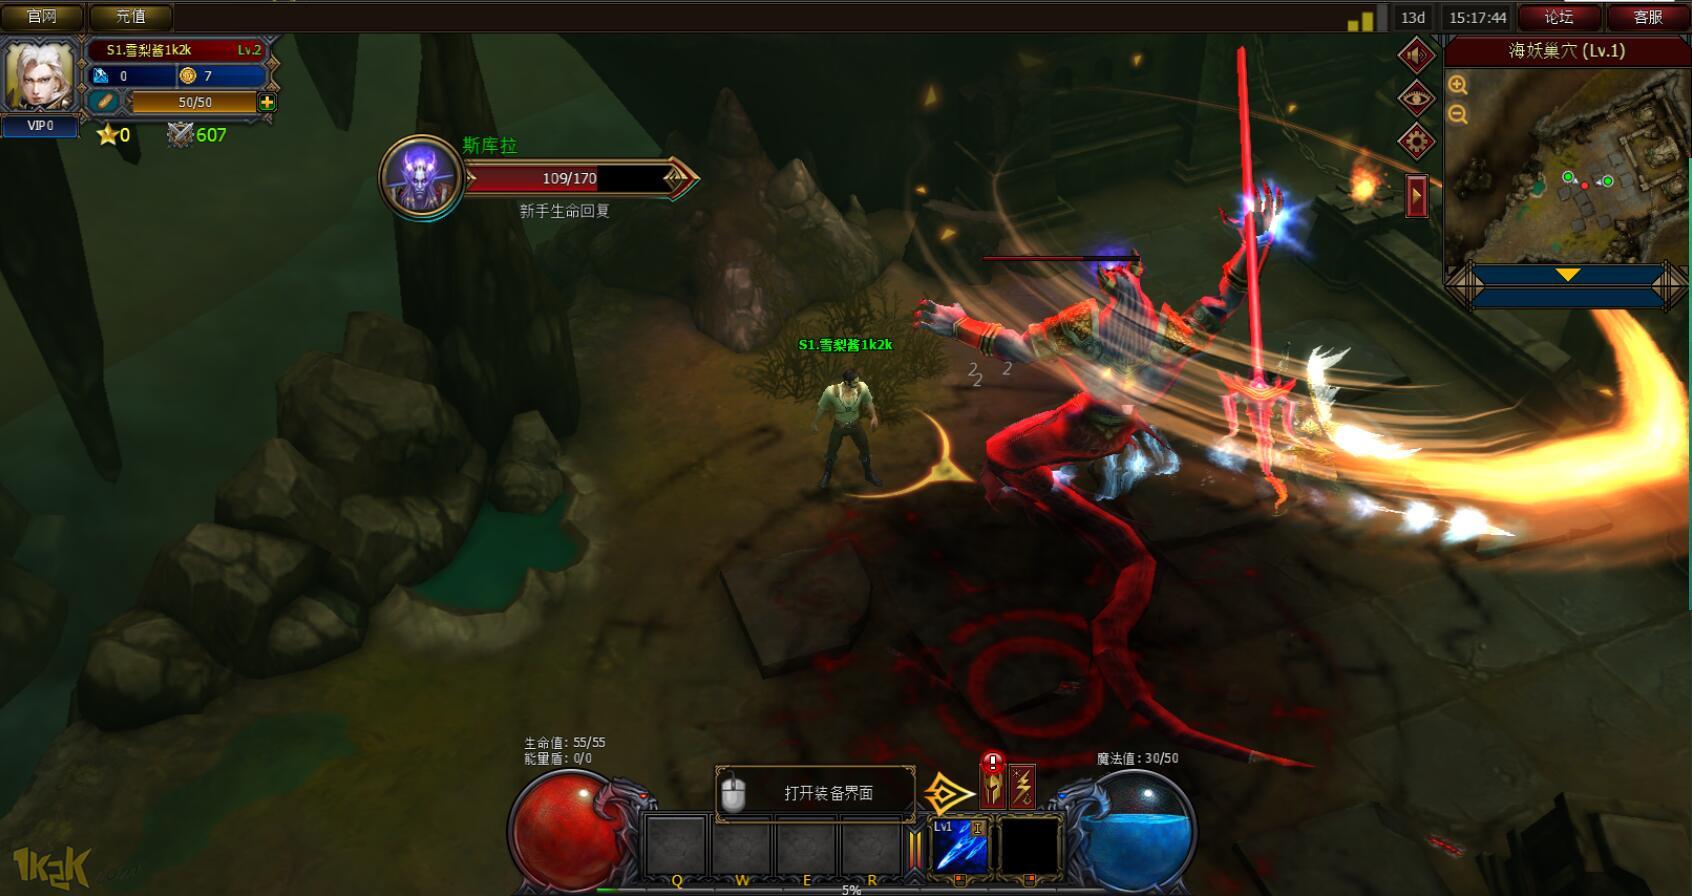 圣剑神域3D游戏截图1